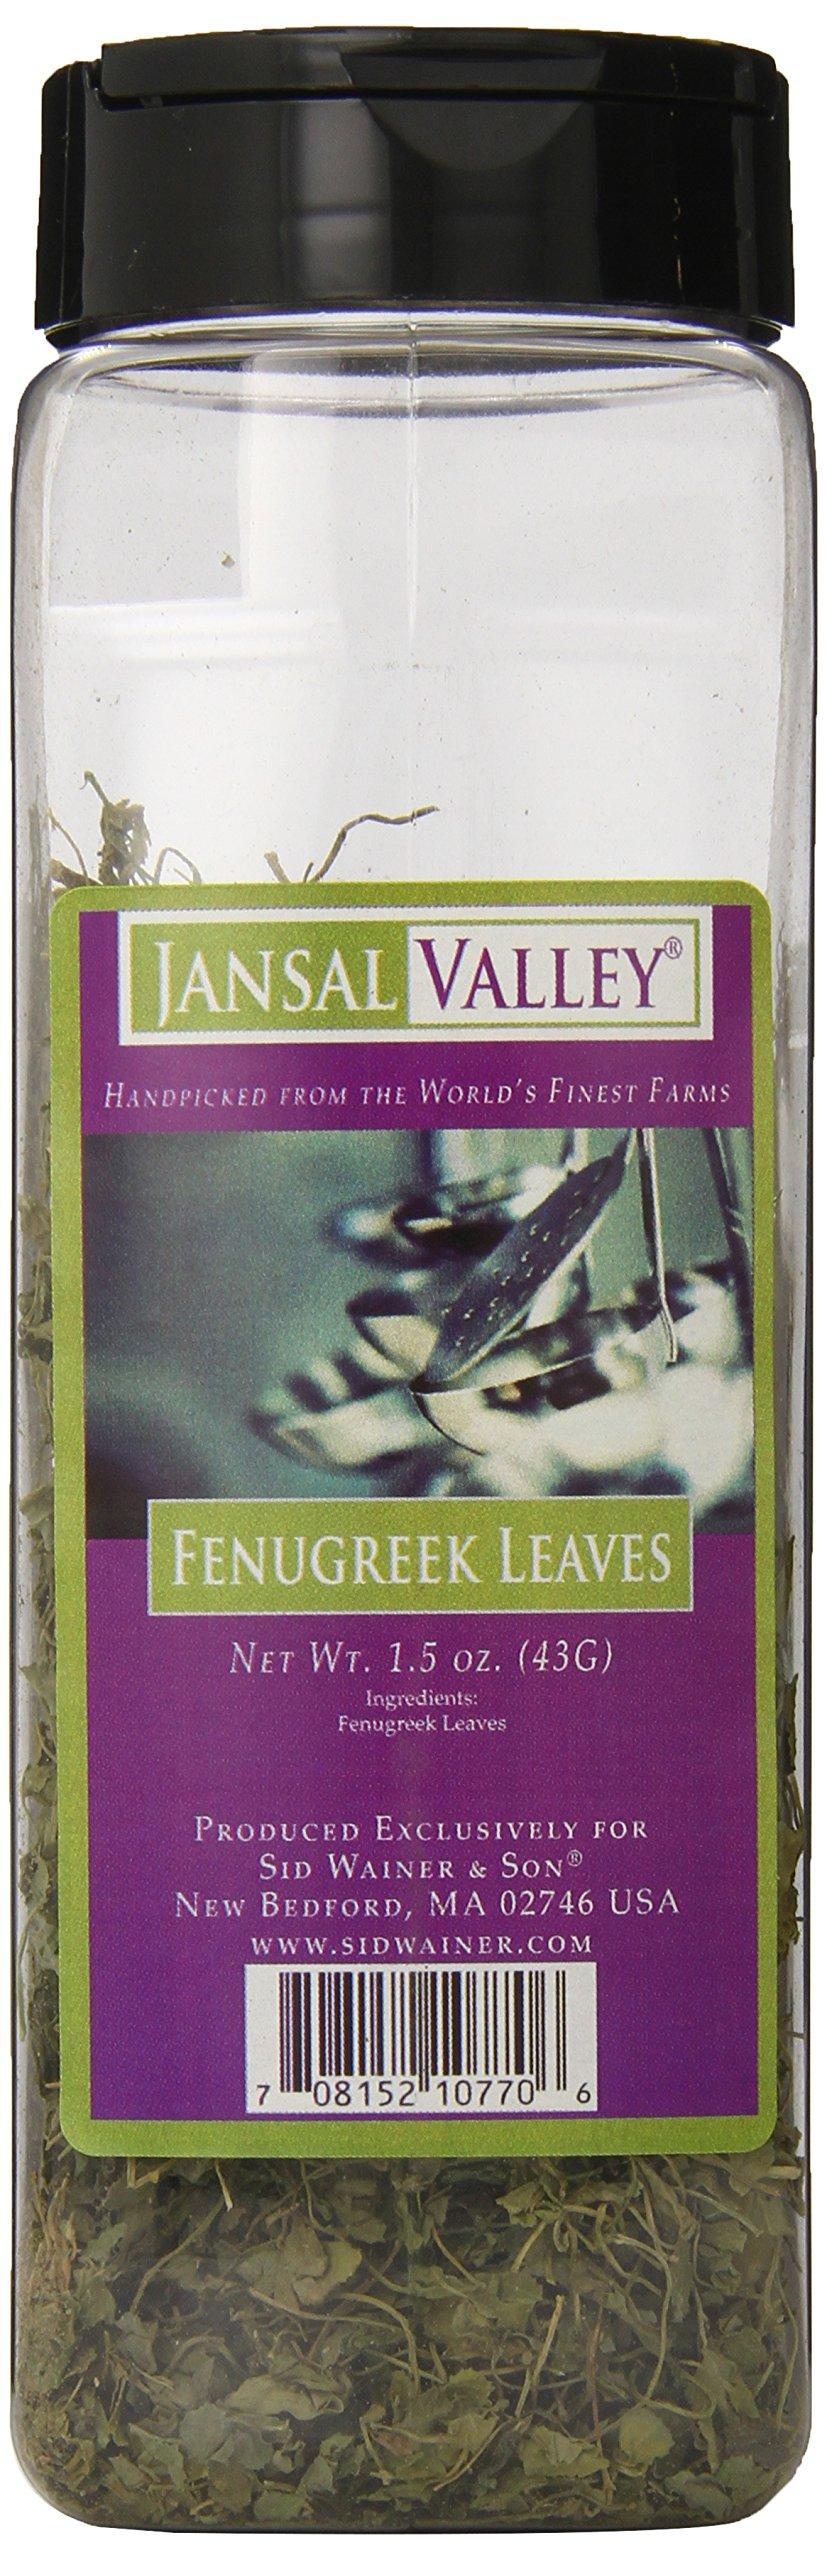 Jansal Valley Fenugreek Leaves, 1.5 Ounce